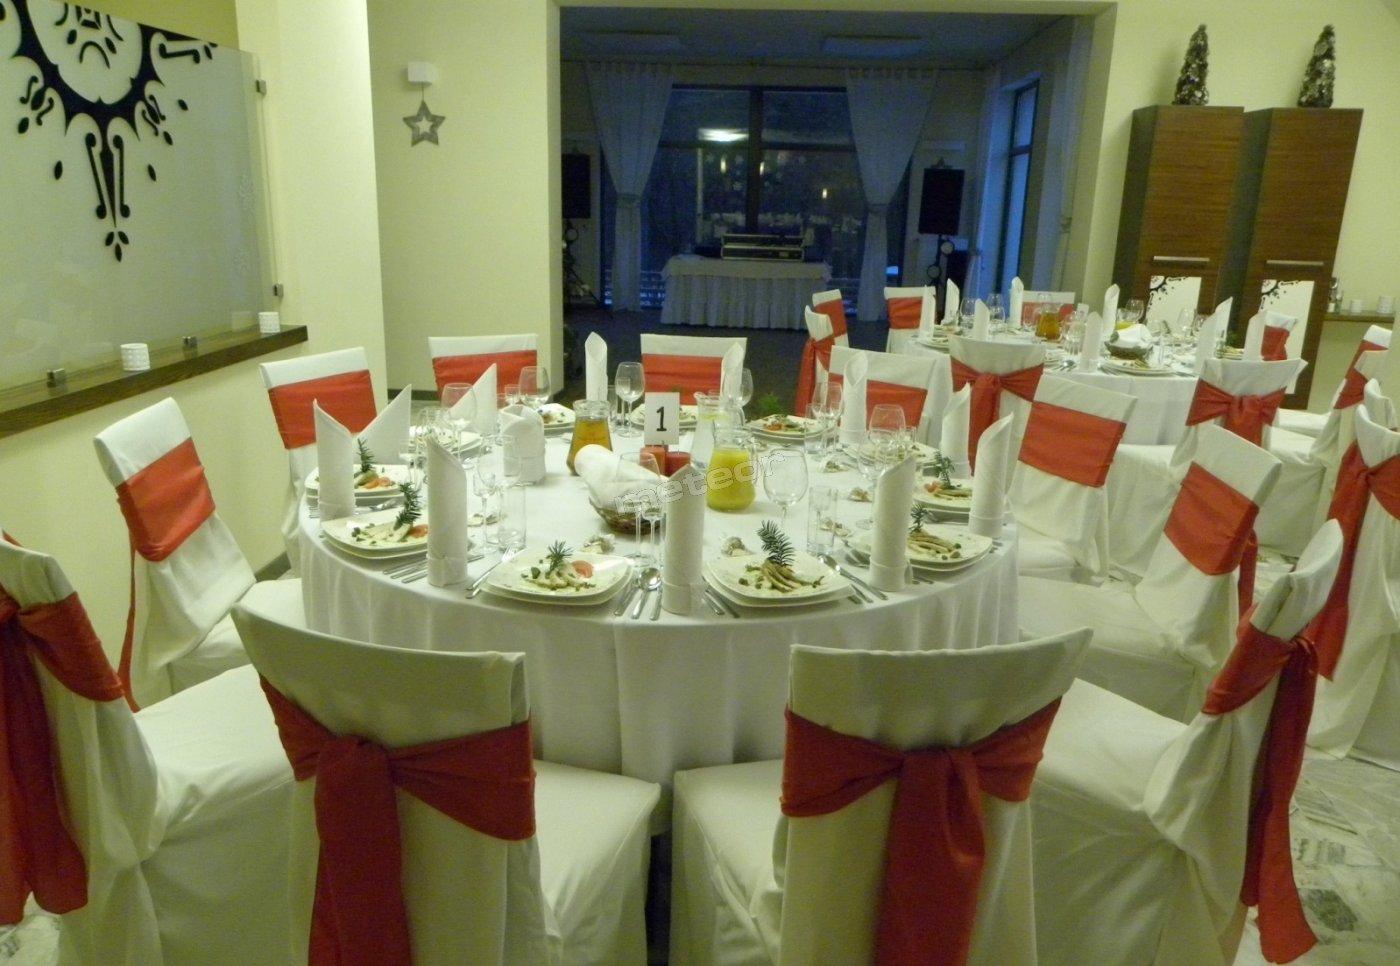 RAUT Rezydencja - Restauracja - Catering - Eventy